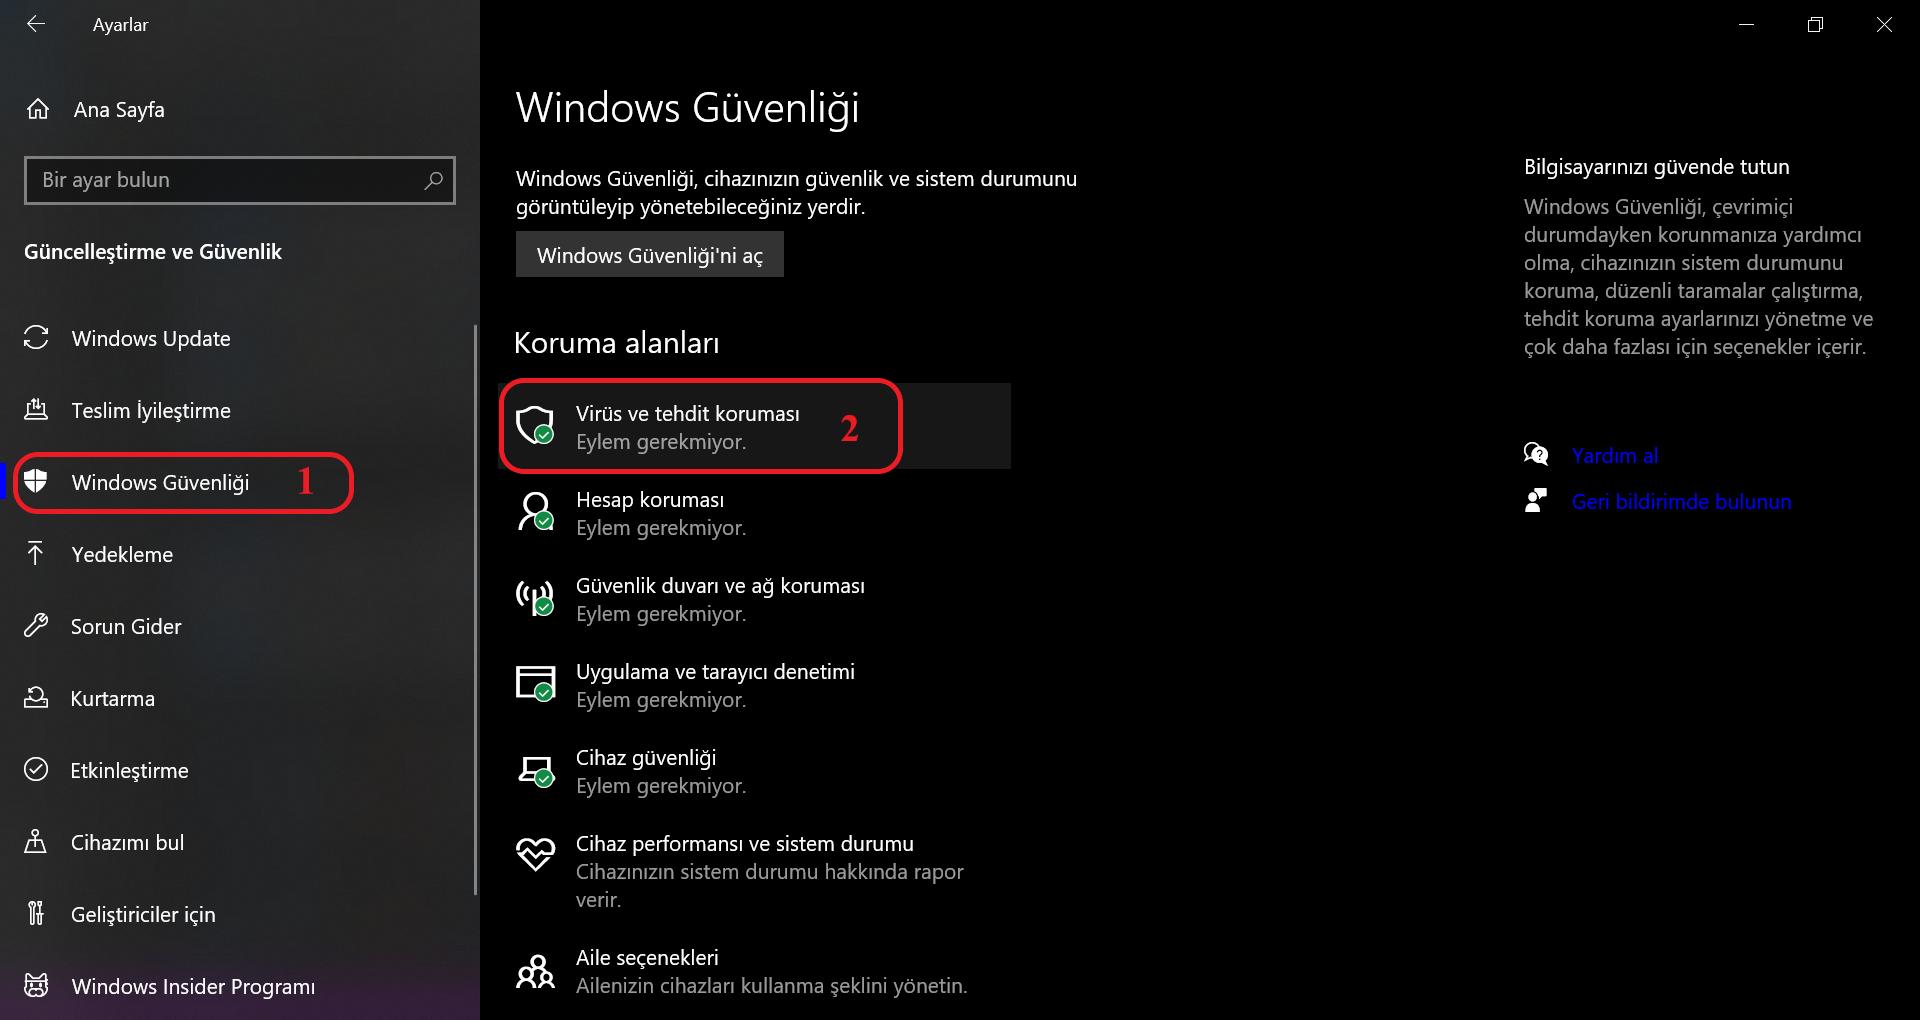 Windows güvenliği ekran görüntüsü